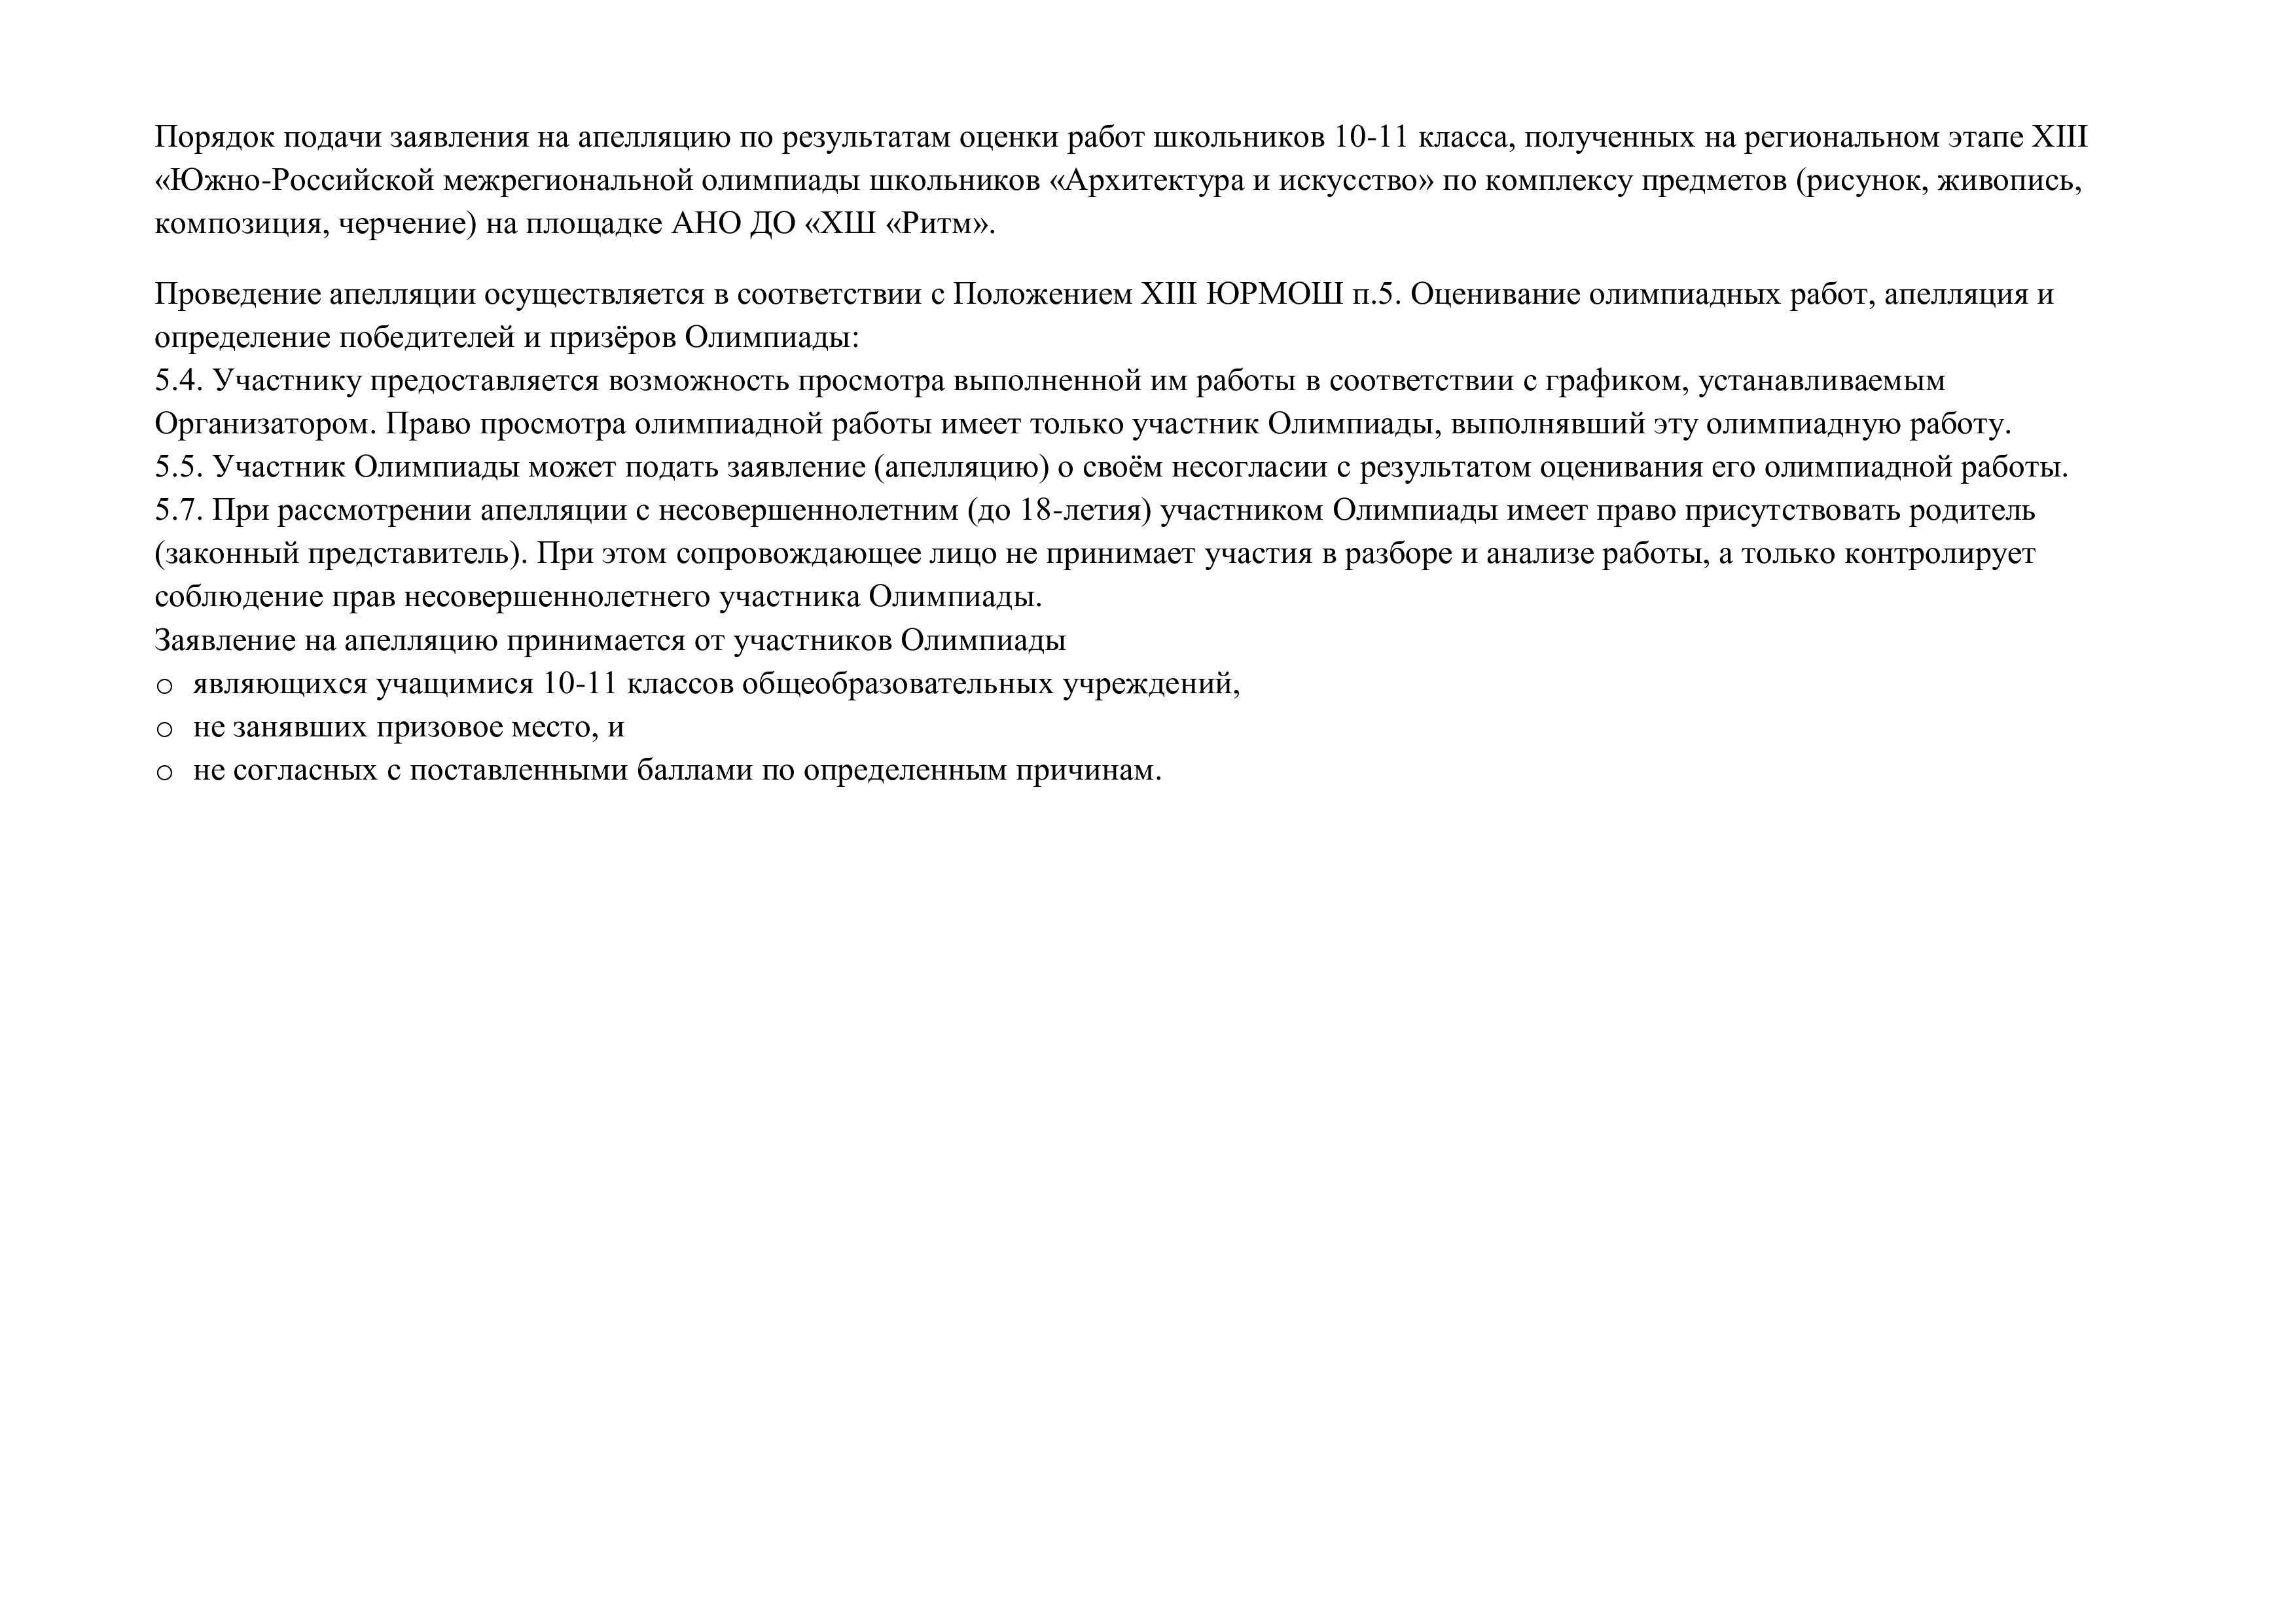 ПРОТОКОЛ-2